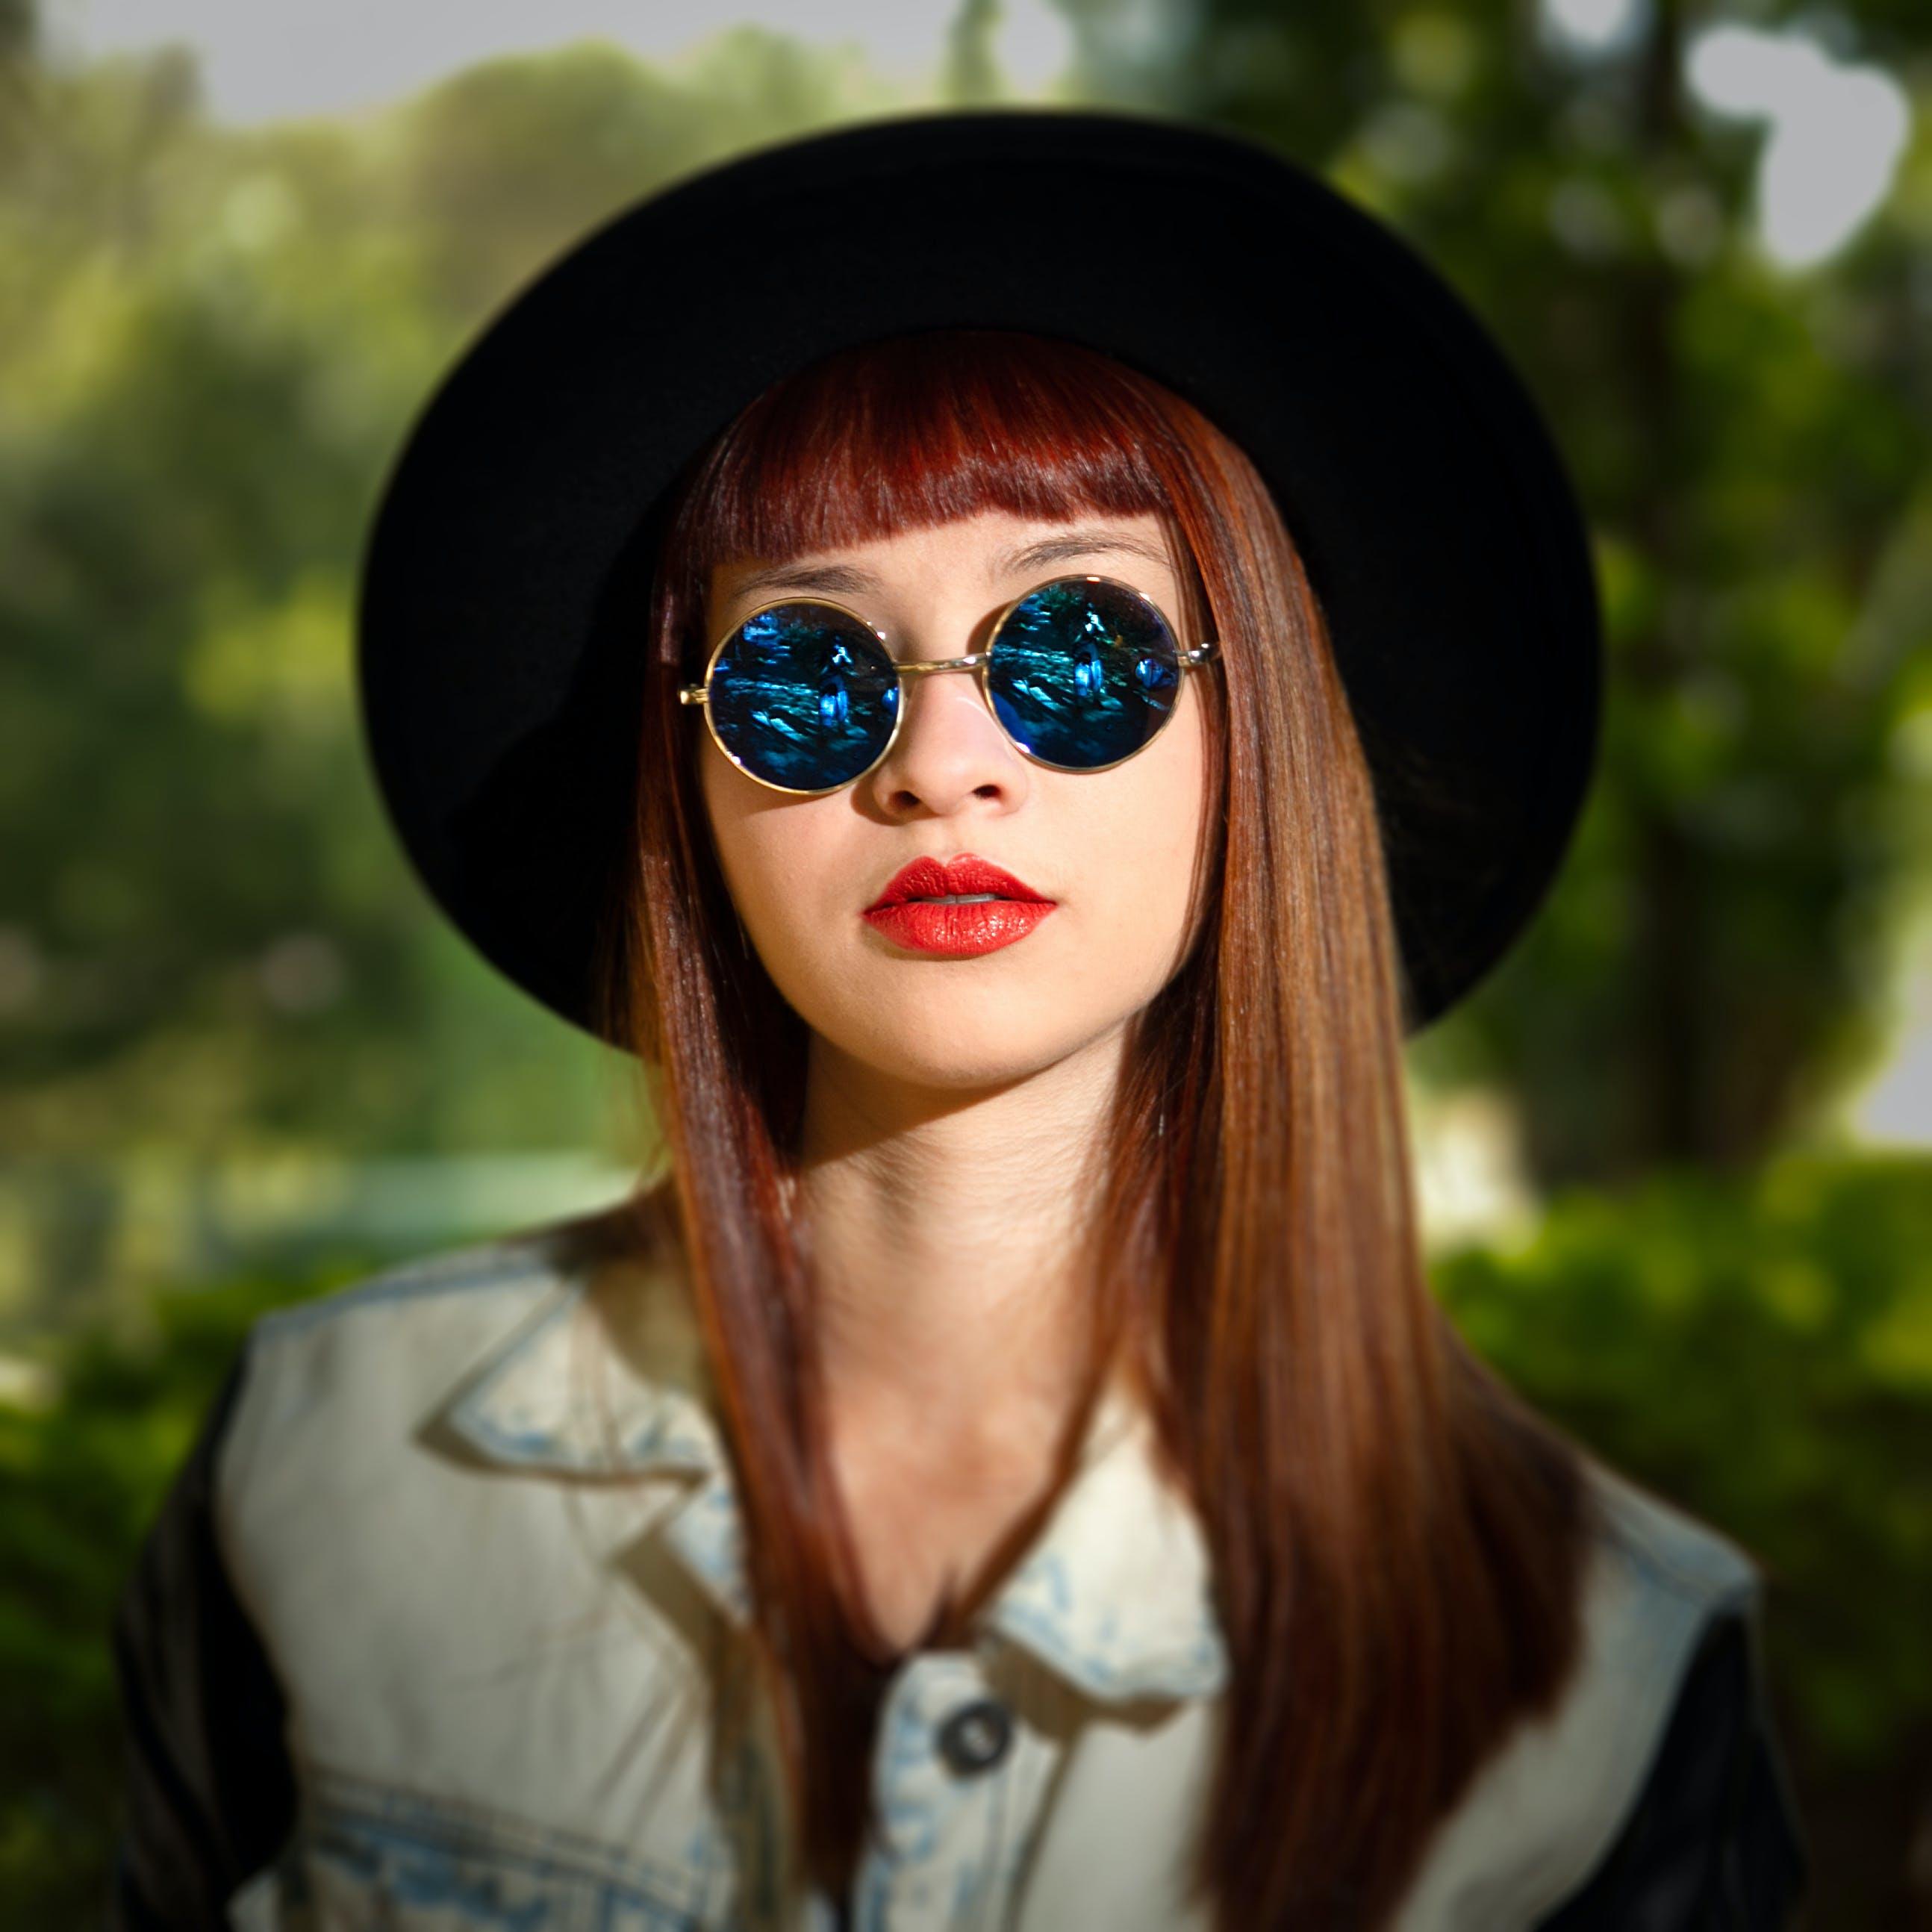 esmer, fotoğraf çekimi, Güneş gözlüğü, günlük giysi içeren Ücretsiz stok fotoğraf